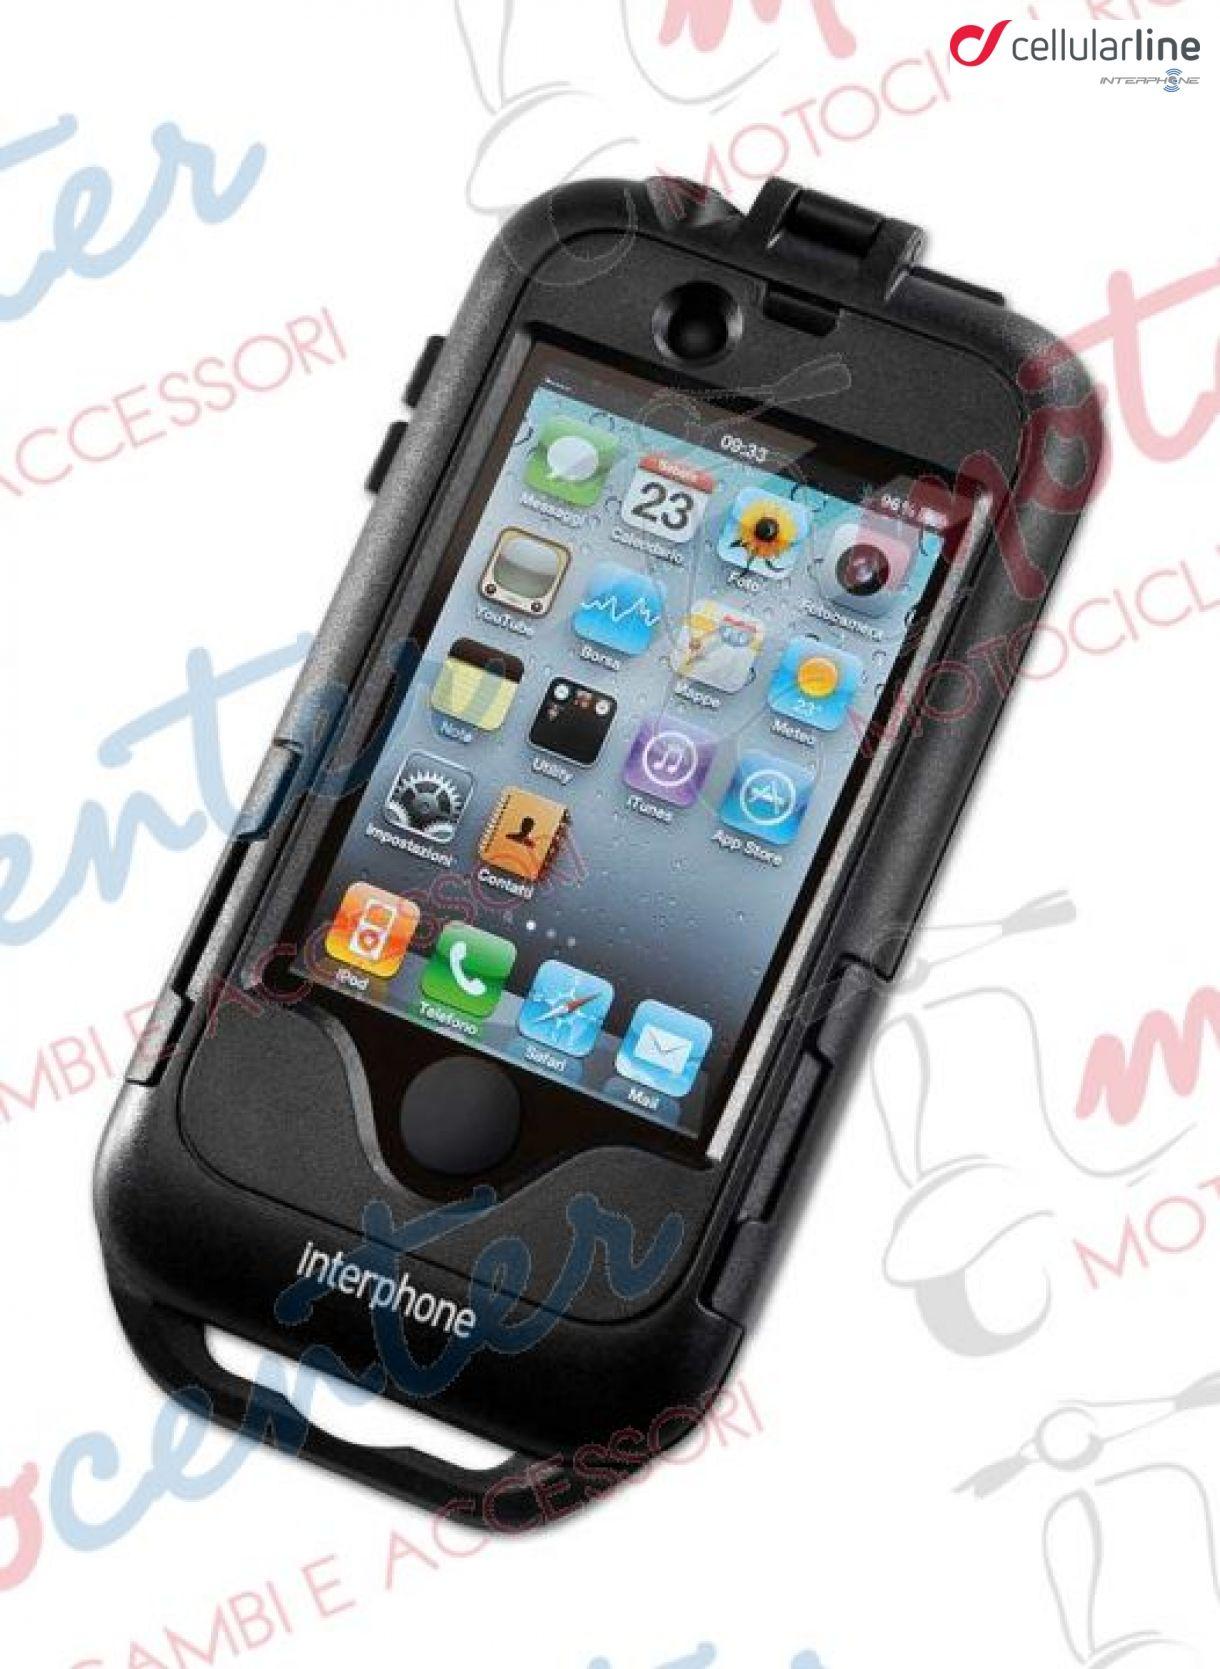 SMIPHONE7PLUS Cellular Line custodia da moto per Iphone 7 Plus